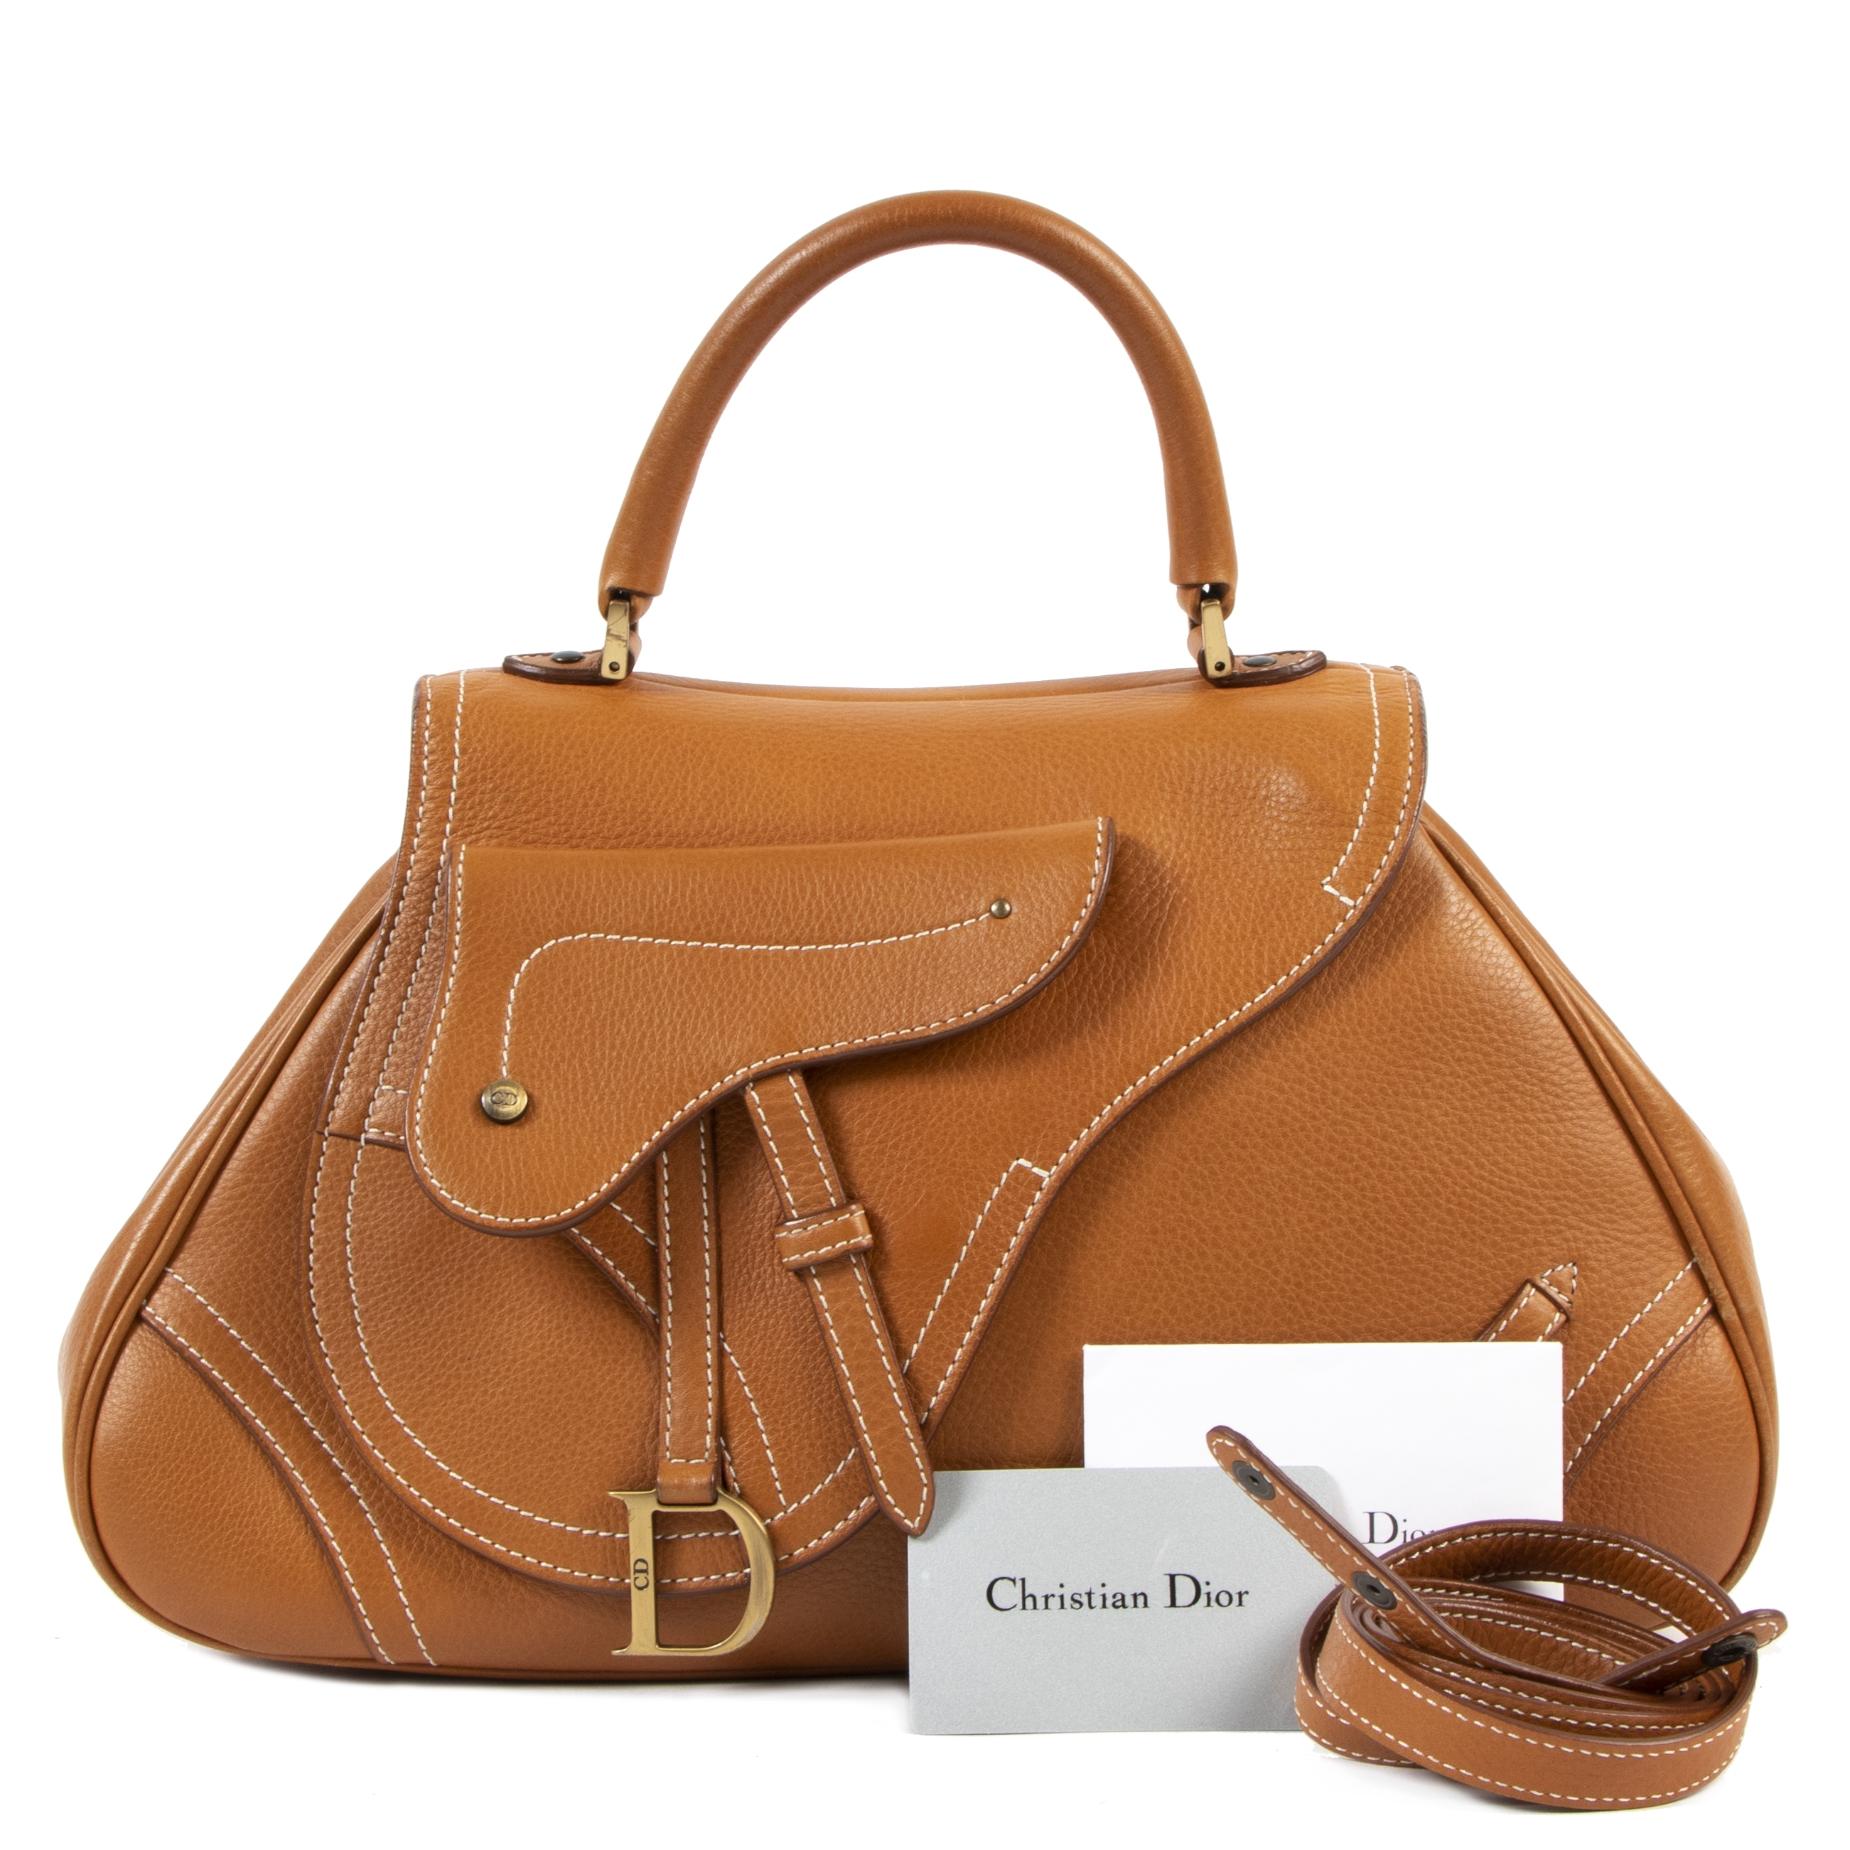 Vintage designer Christian Dior Cognac Leather Saddle Messenger Bag for the best price